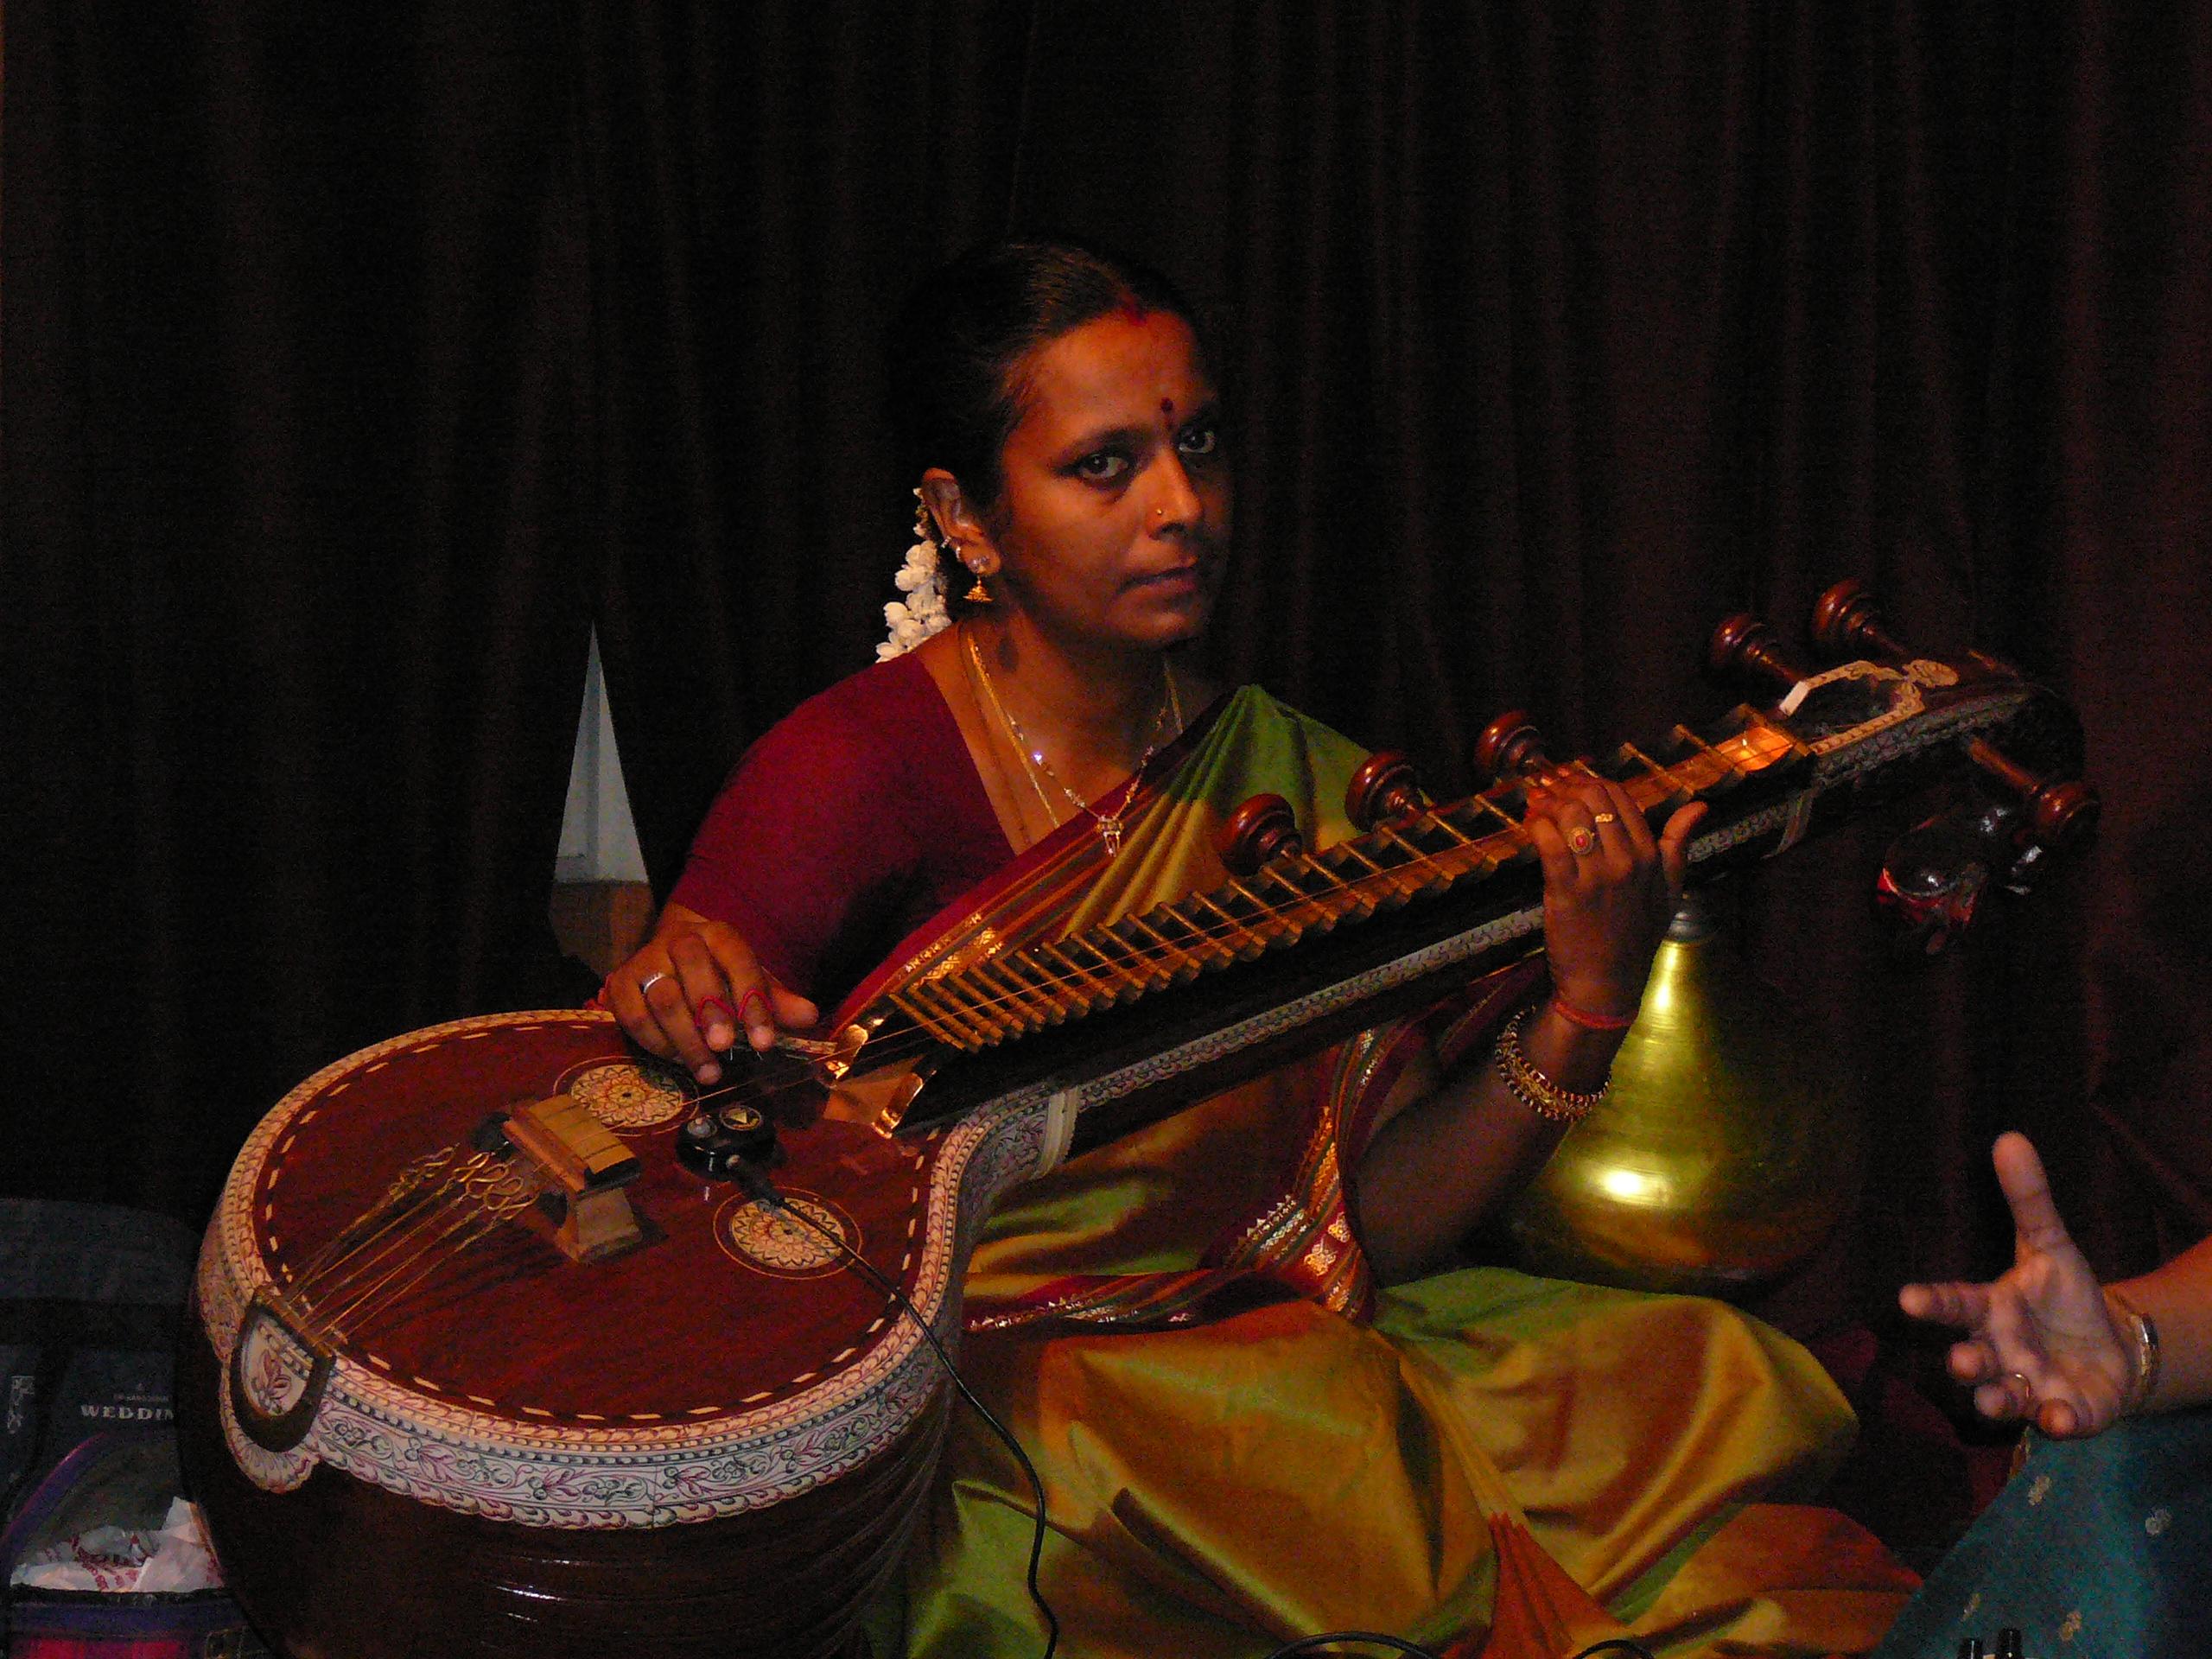 Bombay Jayashree Vocal || Carnatic Classical || - YouTube